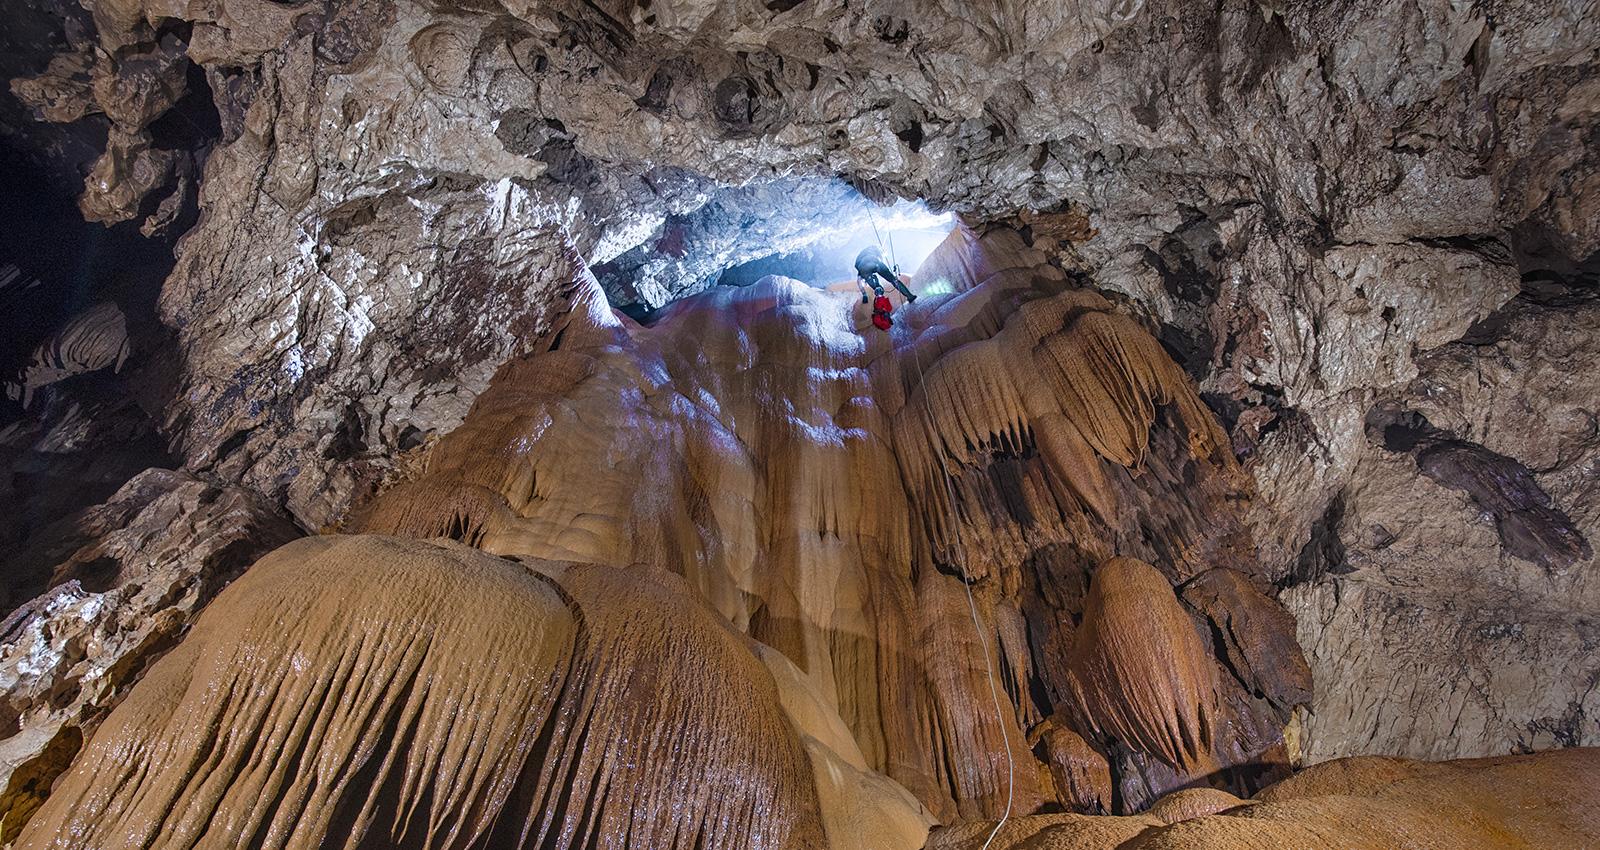 Cueva de la Peña Colorada